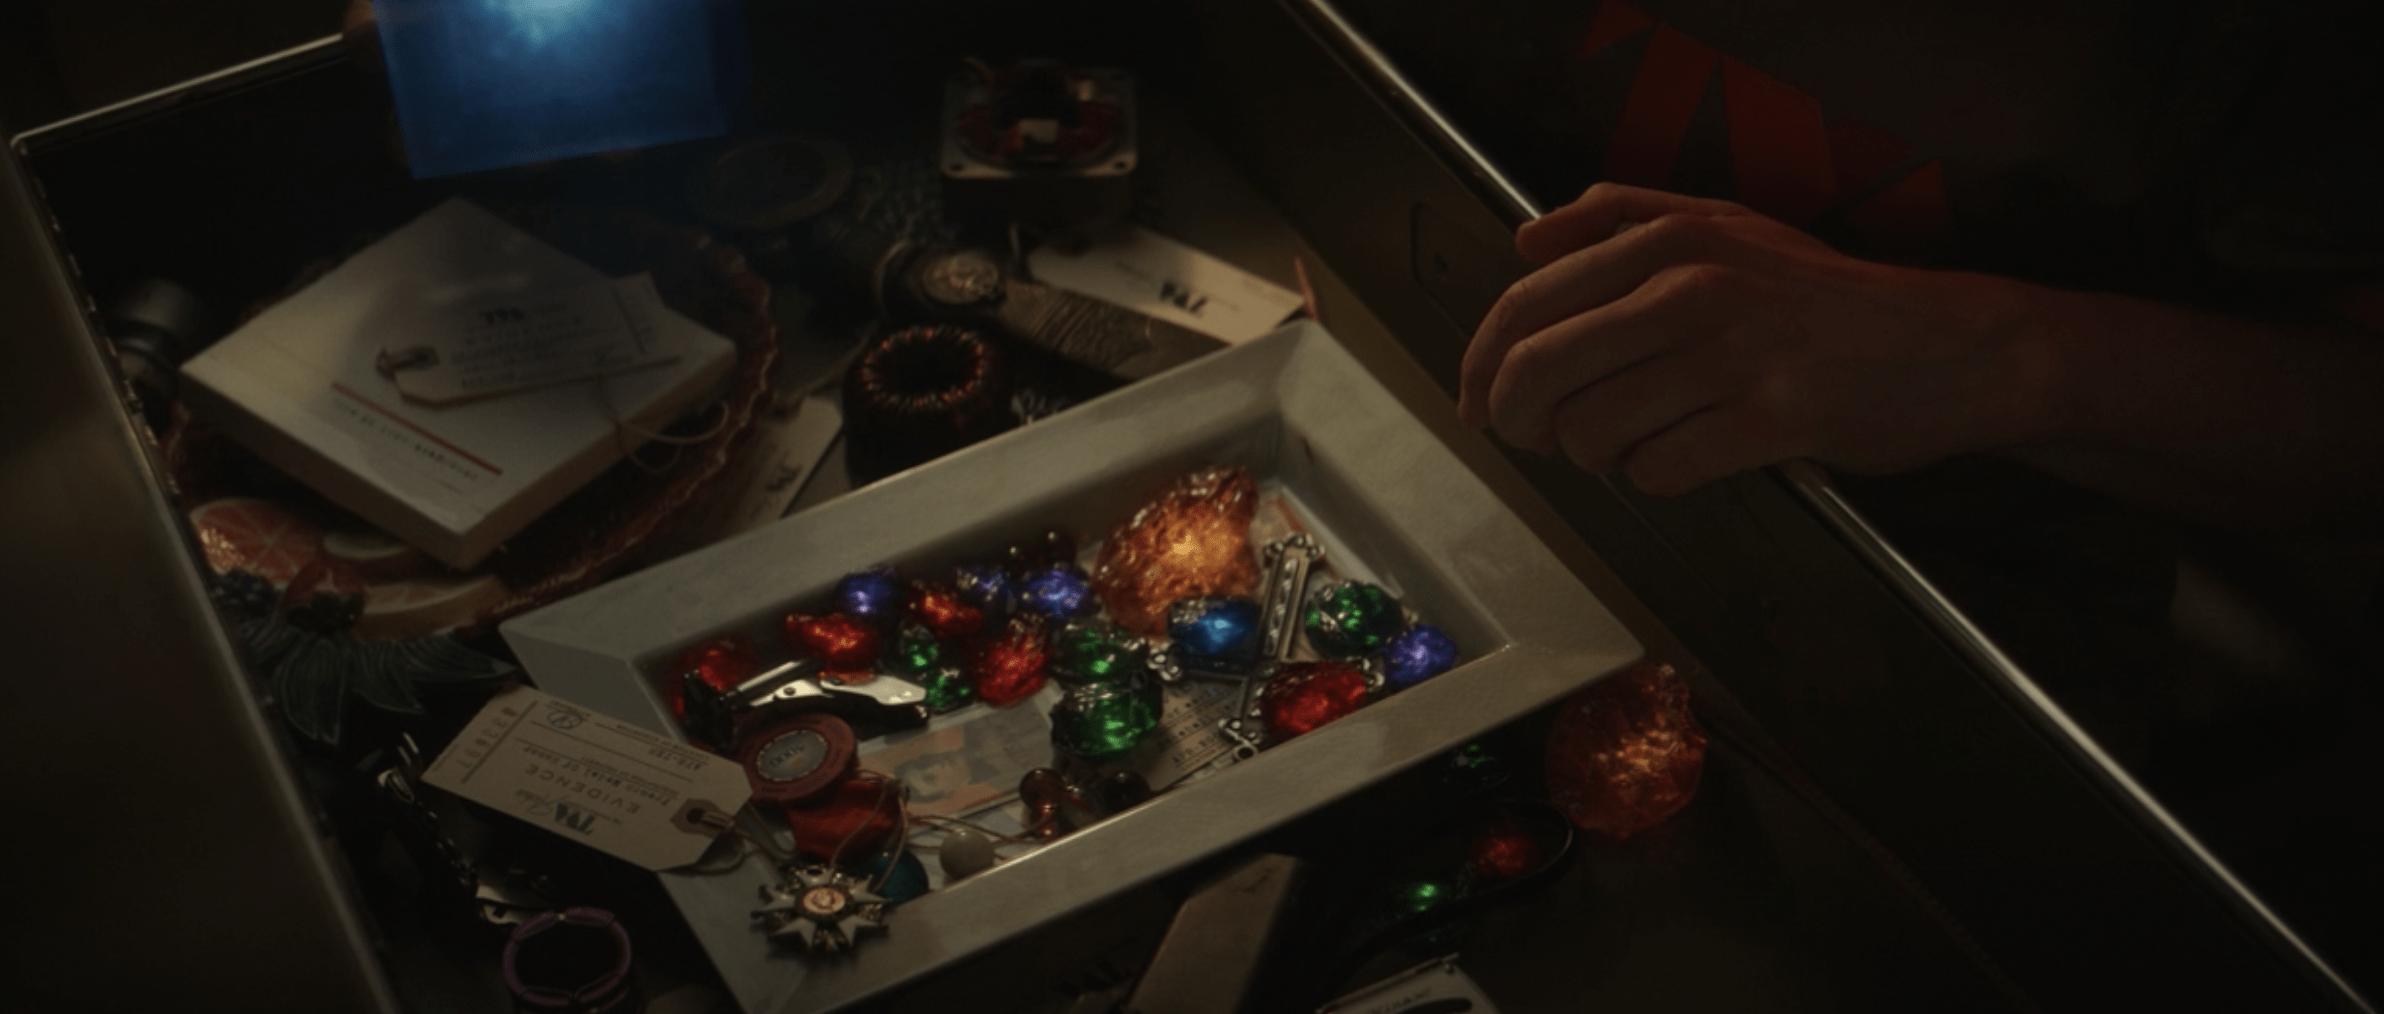 Loki Episode 1 inifnity stones box